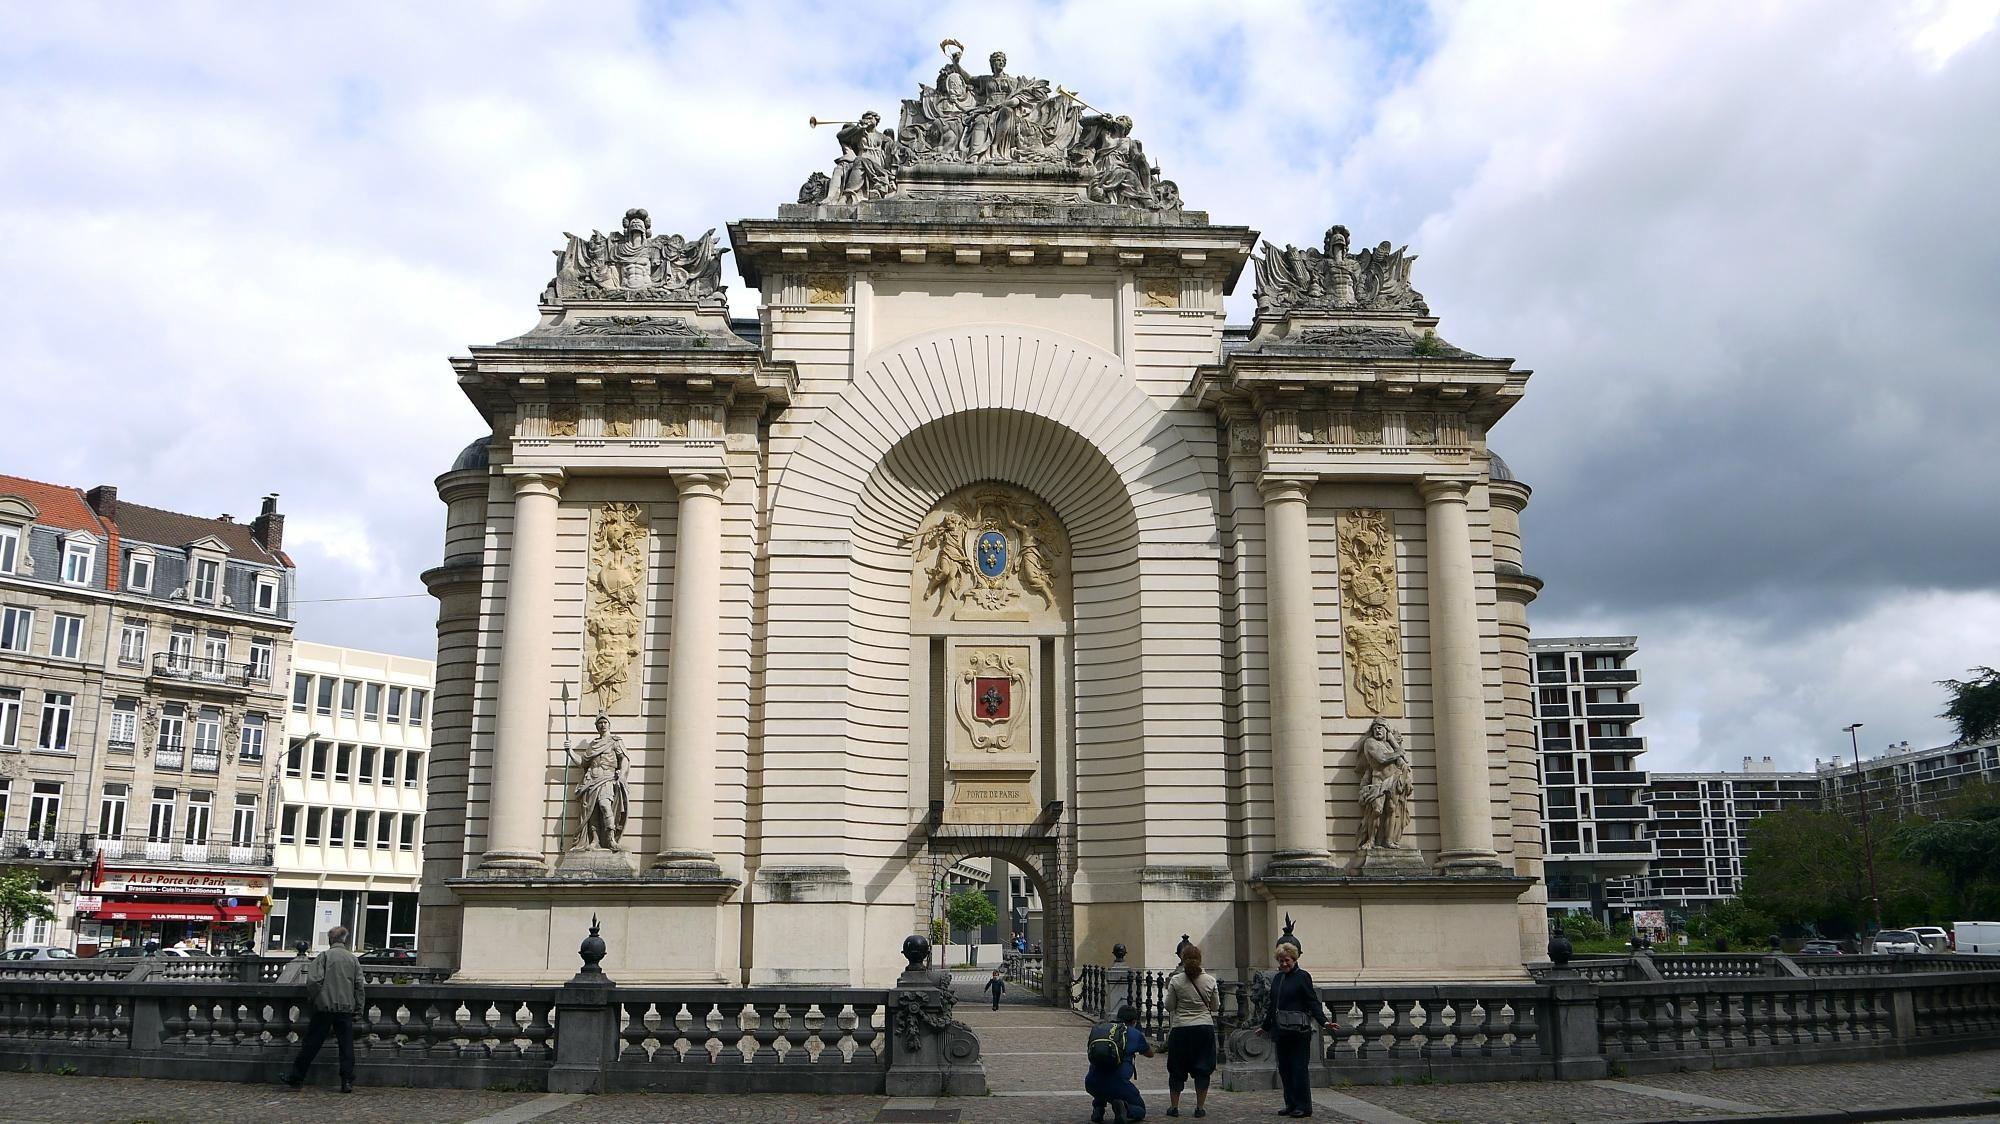 Porte De Paris Lille 2018 All You Need To Know Before You Go With Photos Tripadvisor Trip Advisor Lille De Paris